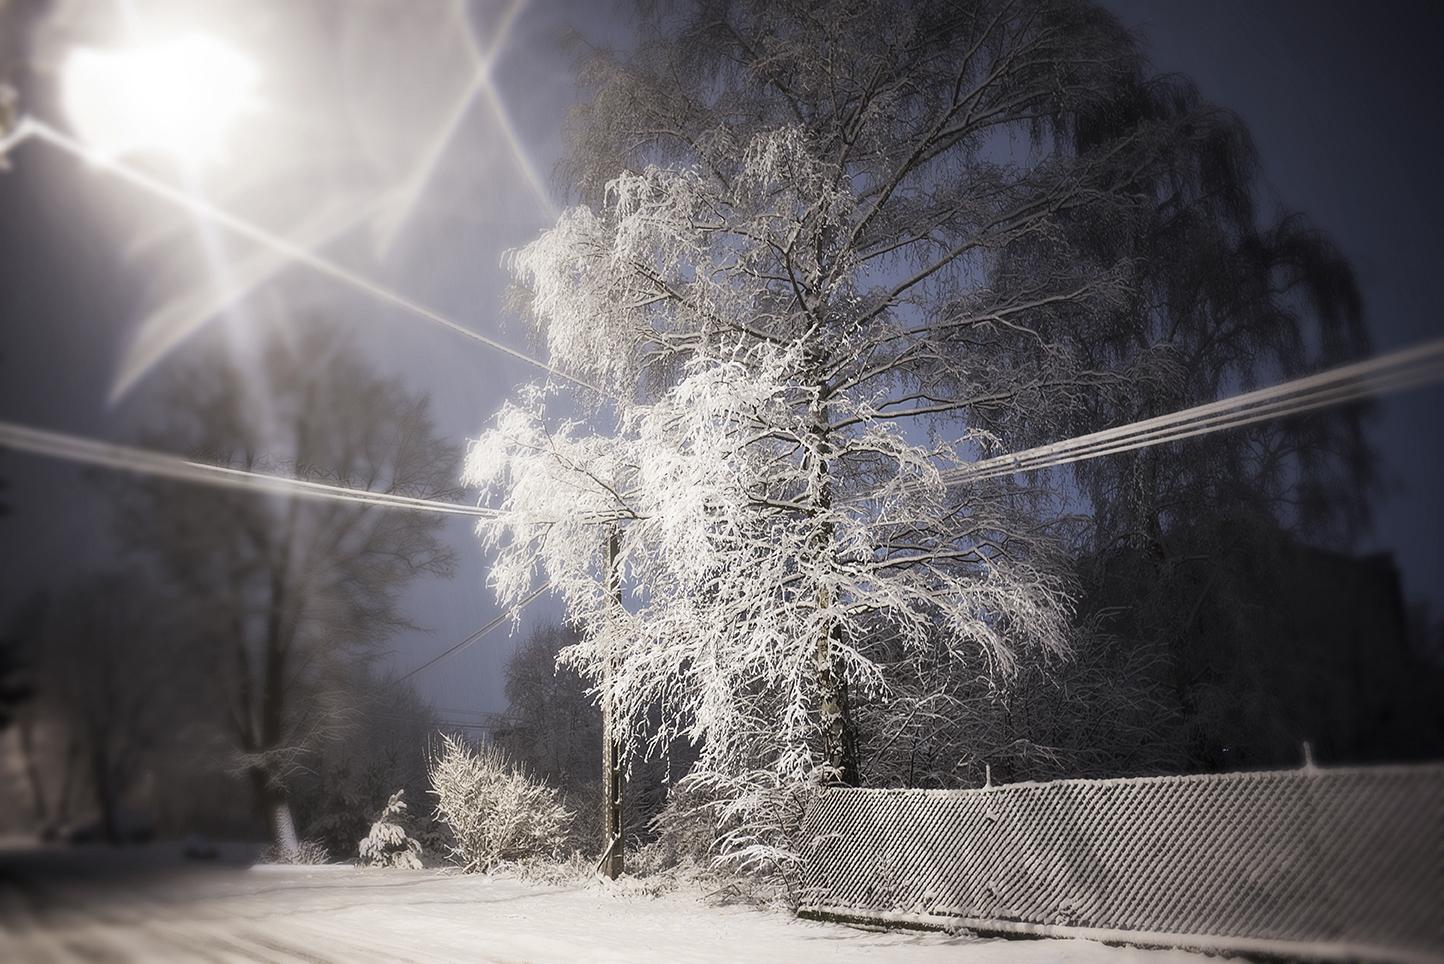 MILUNA-Ewa-Milun-Walczak-Zima-snieg-Piastow-plener-opady-biel-magia-zimy-zimno-chlod-piekno-Pod-pierzyna-4